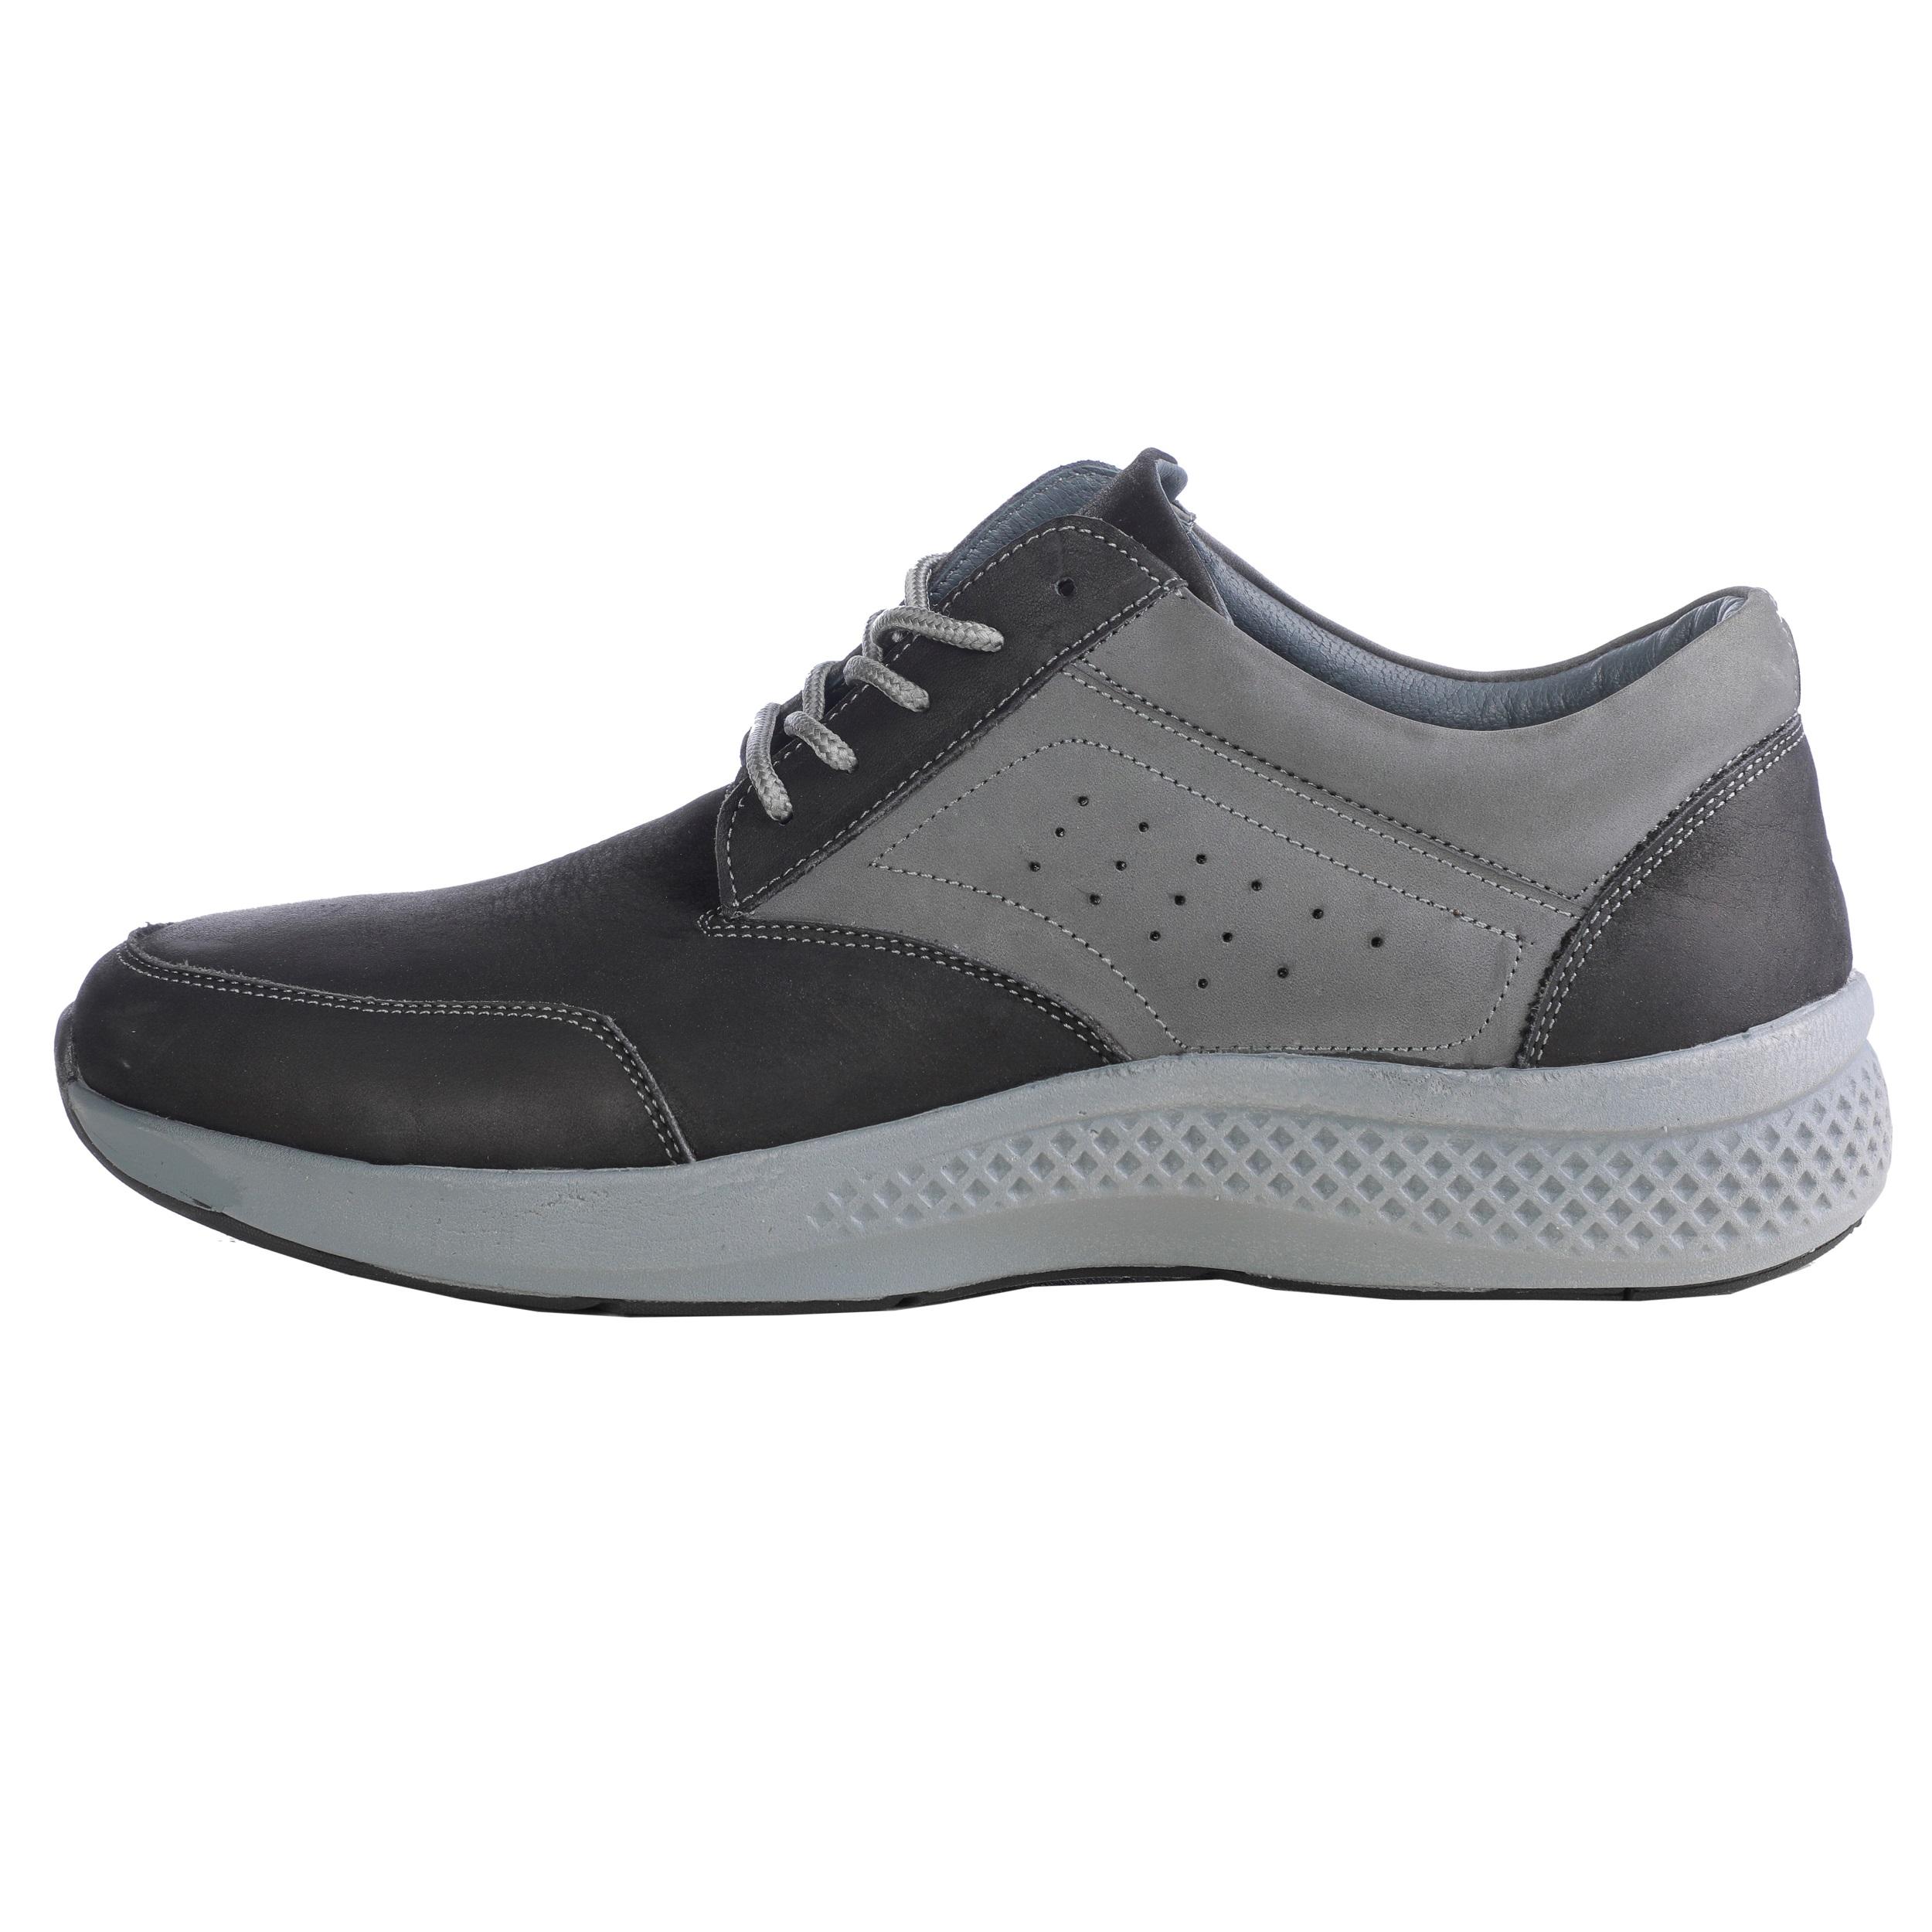 کفش روزمره مردانه مدل SH-7             , خرید اینترنتی